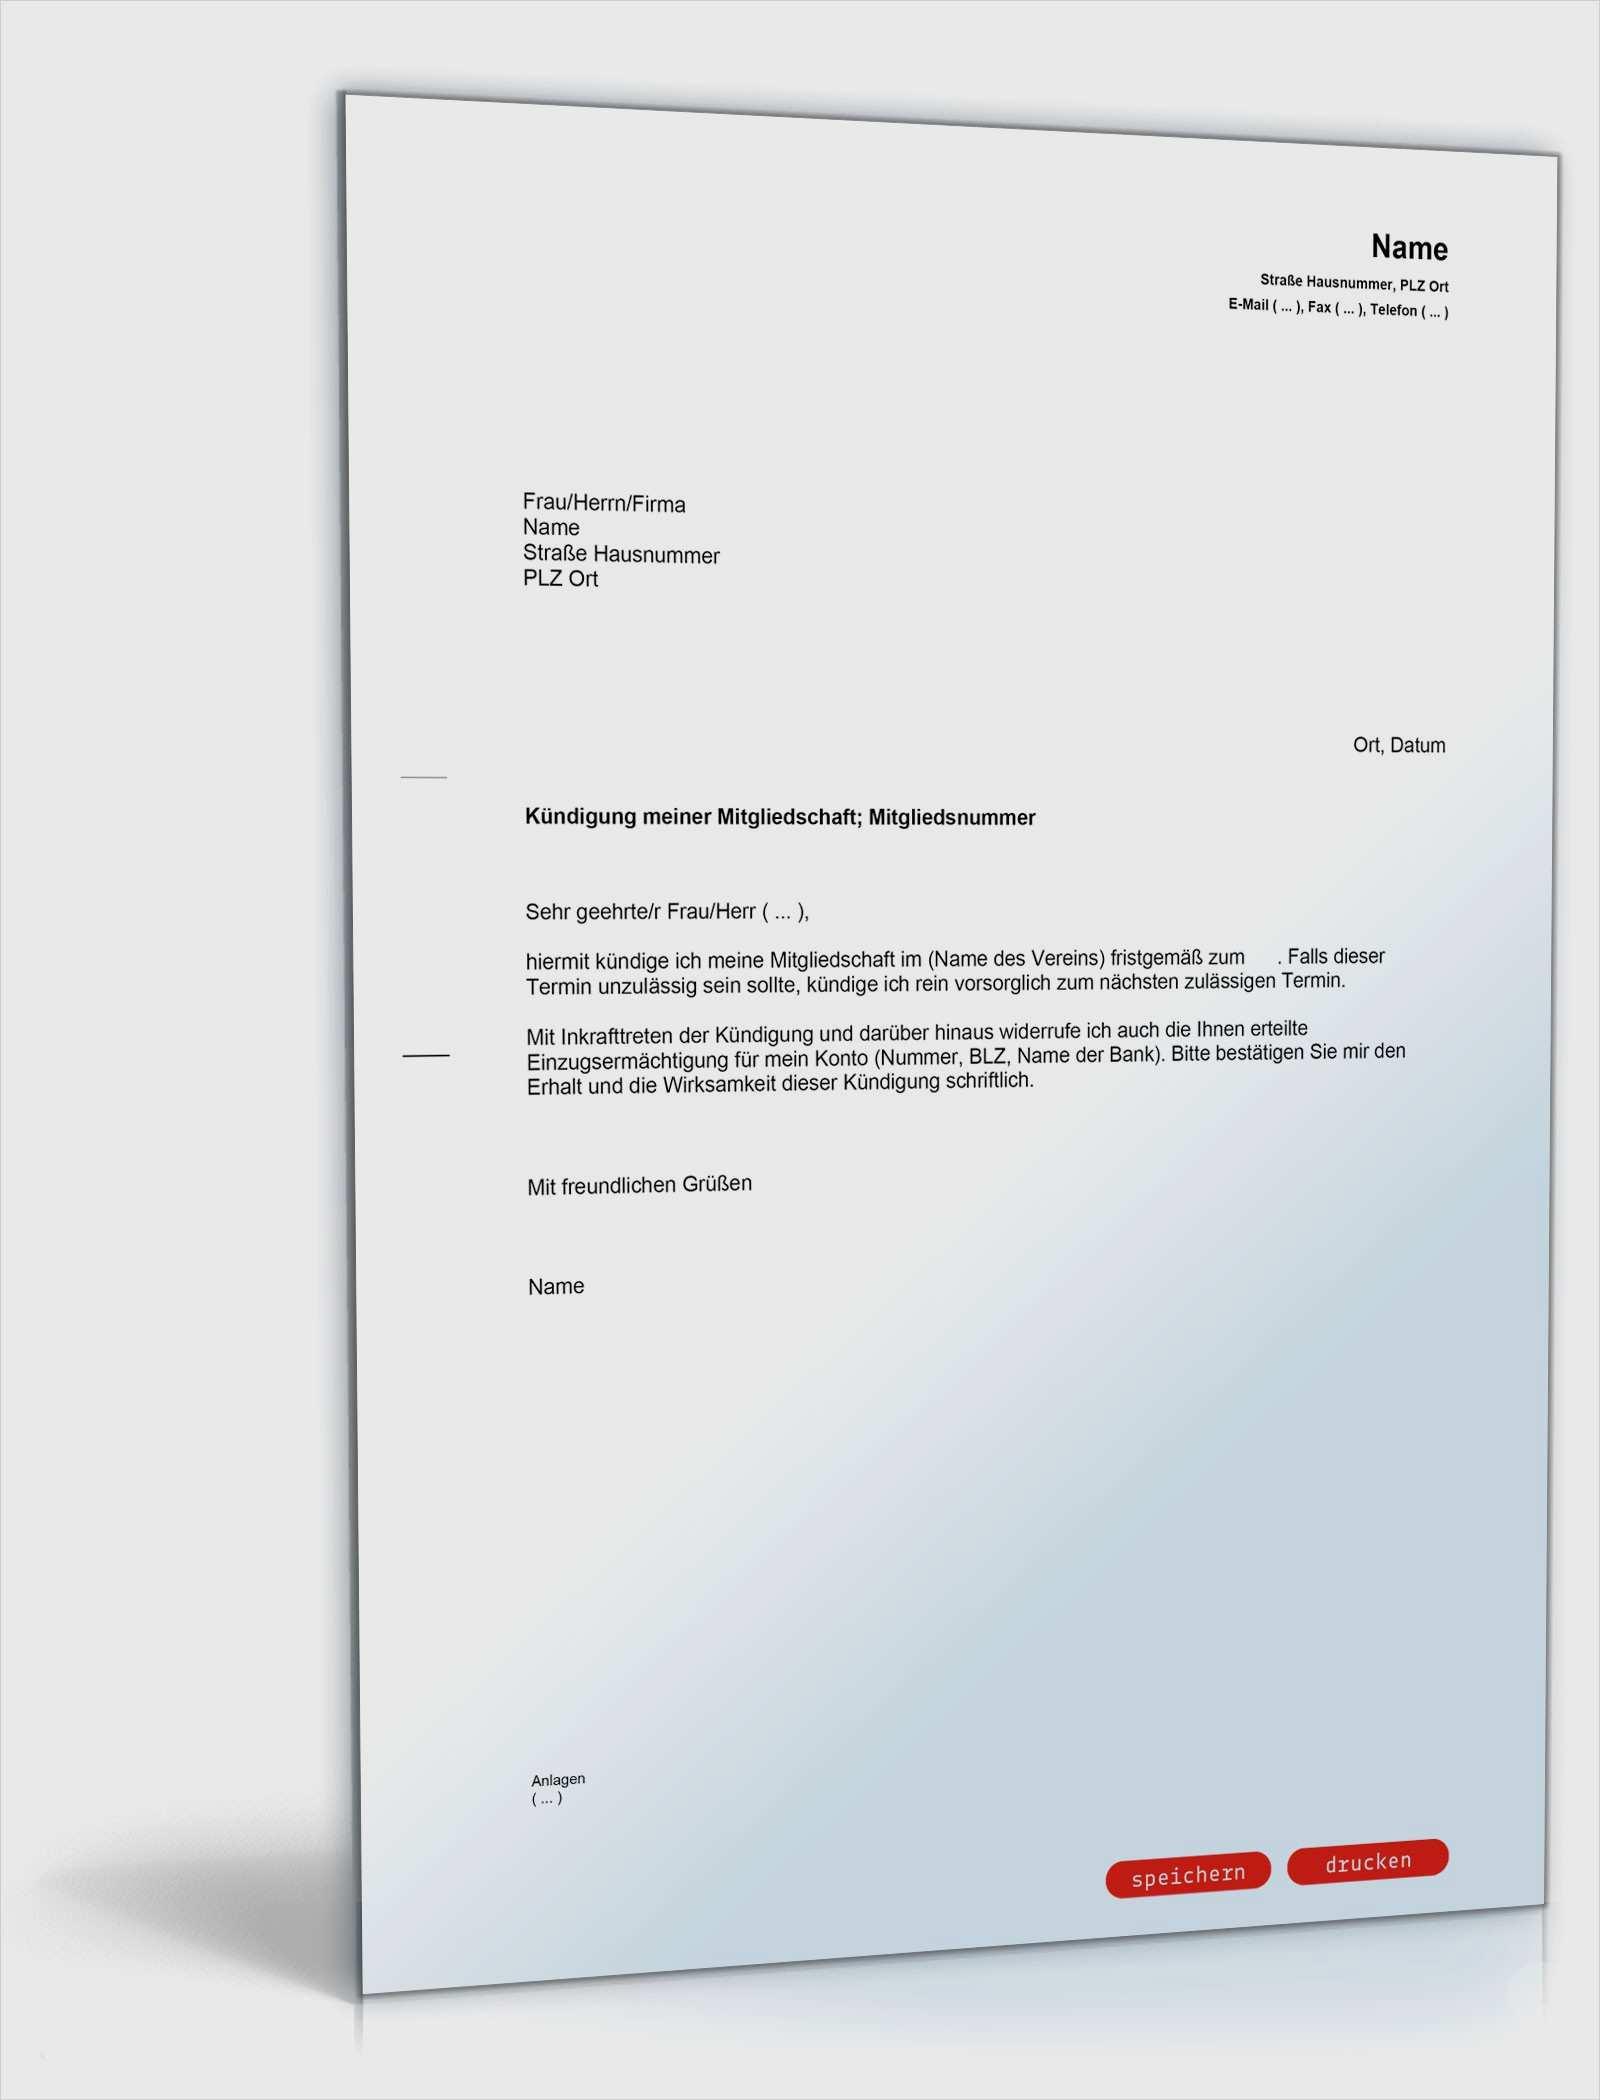 Best Of Schriftfuhrer Verein Protokoll Vorlage 5 3